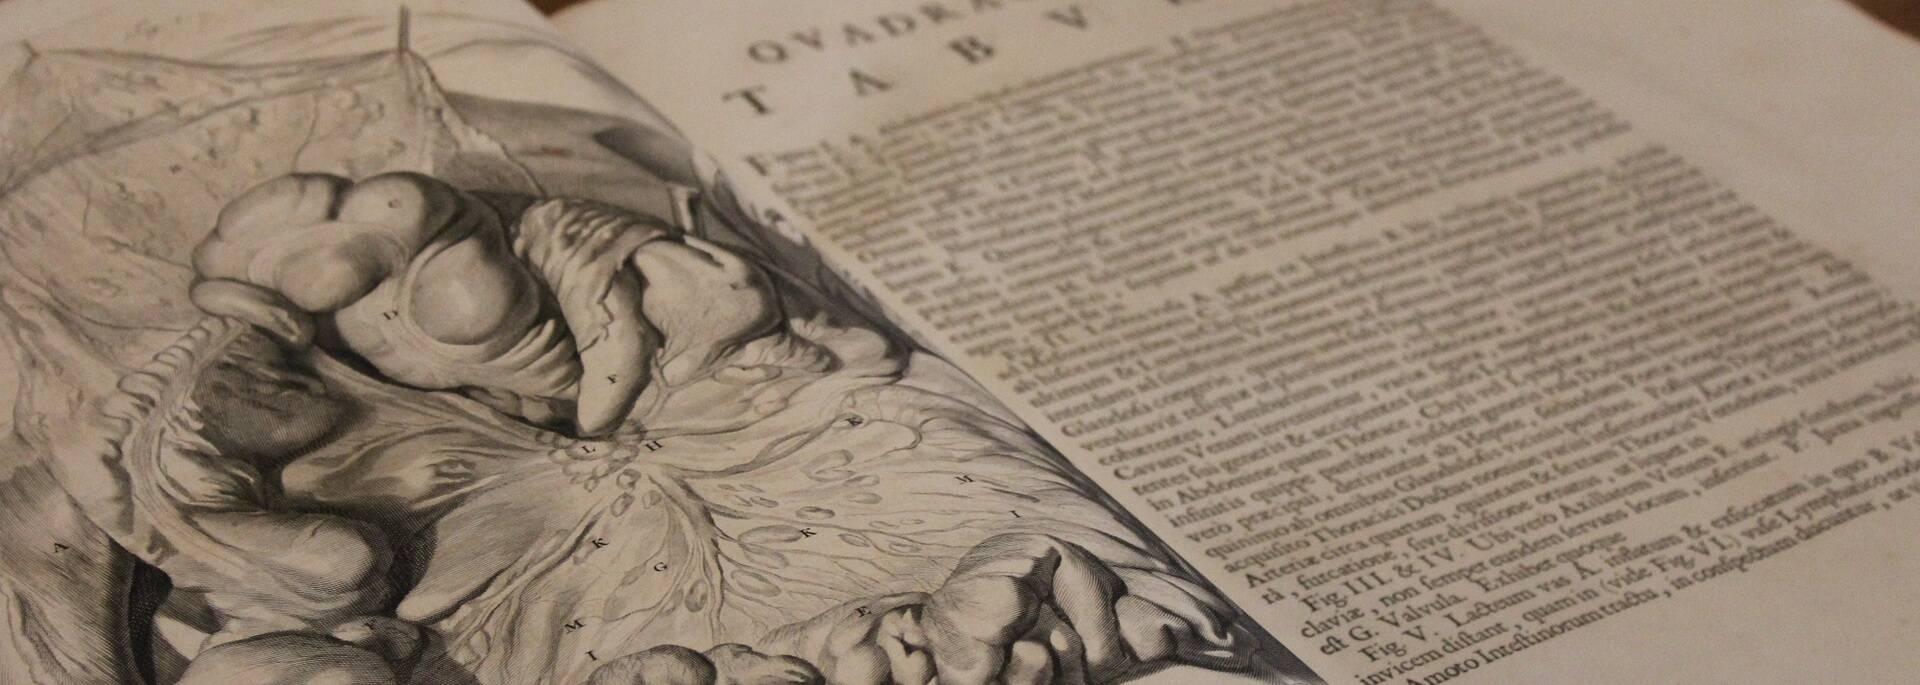 Croquis d'anatomie de l'époque - ©P.Migaud / FDHPA 17